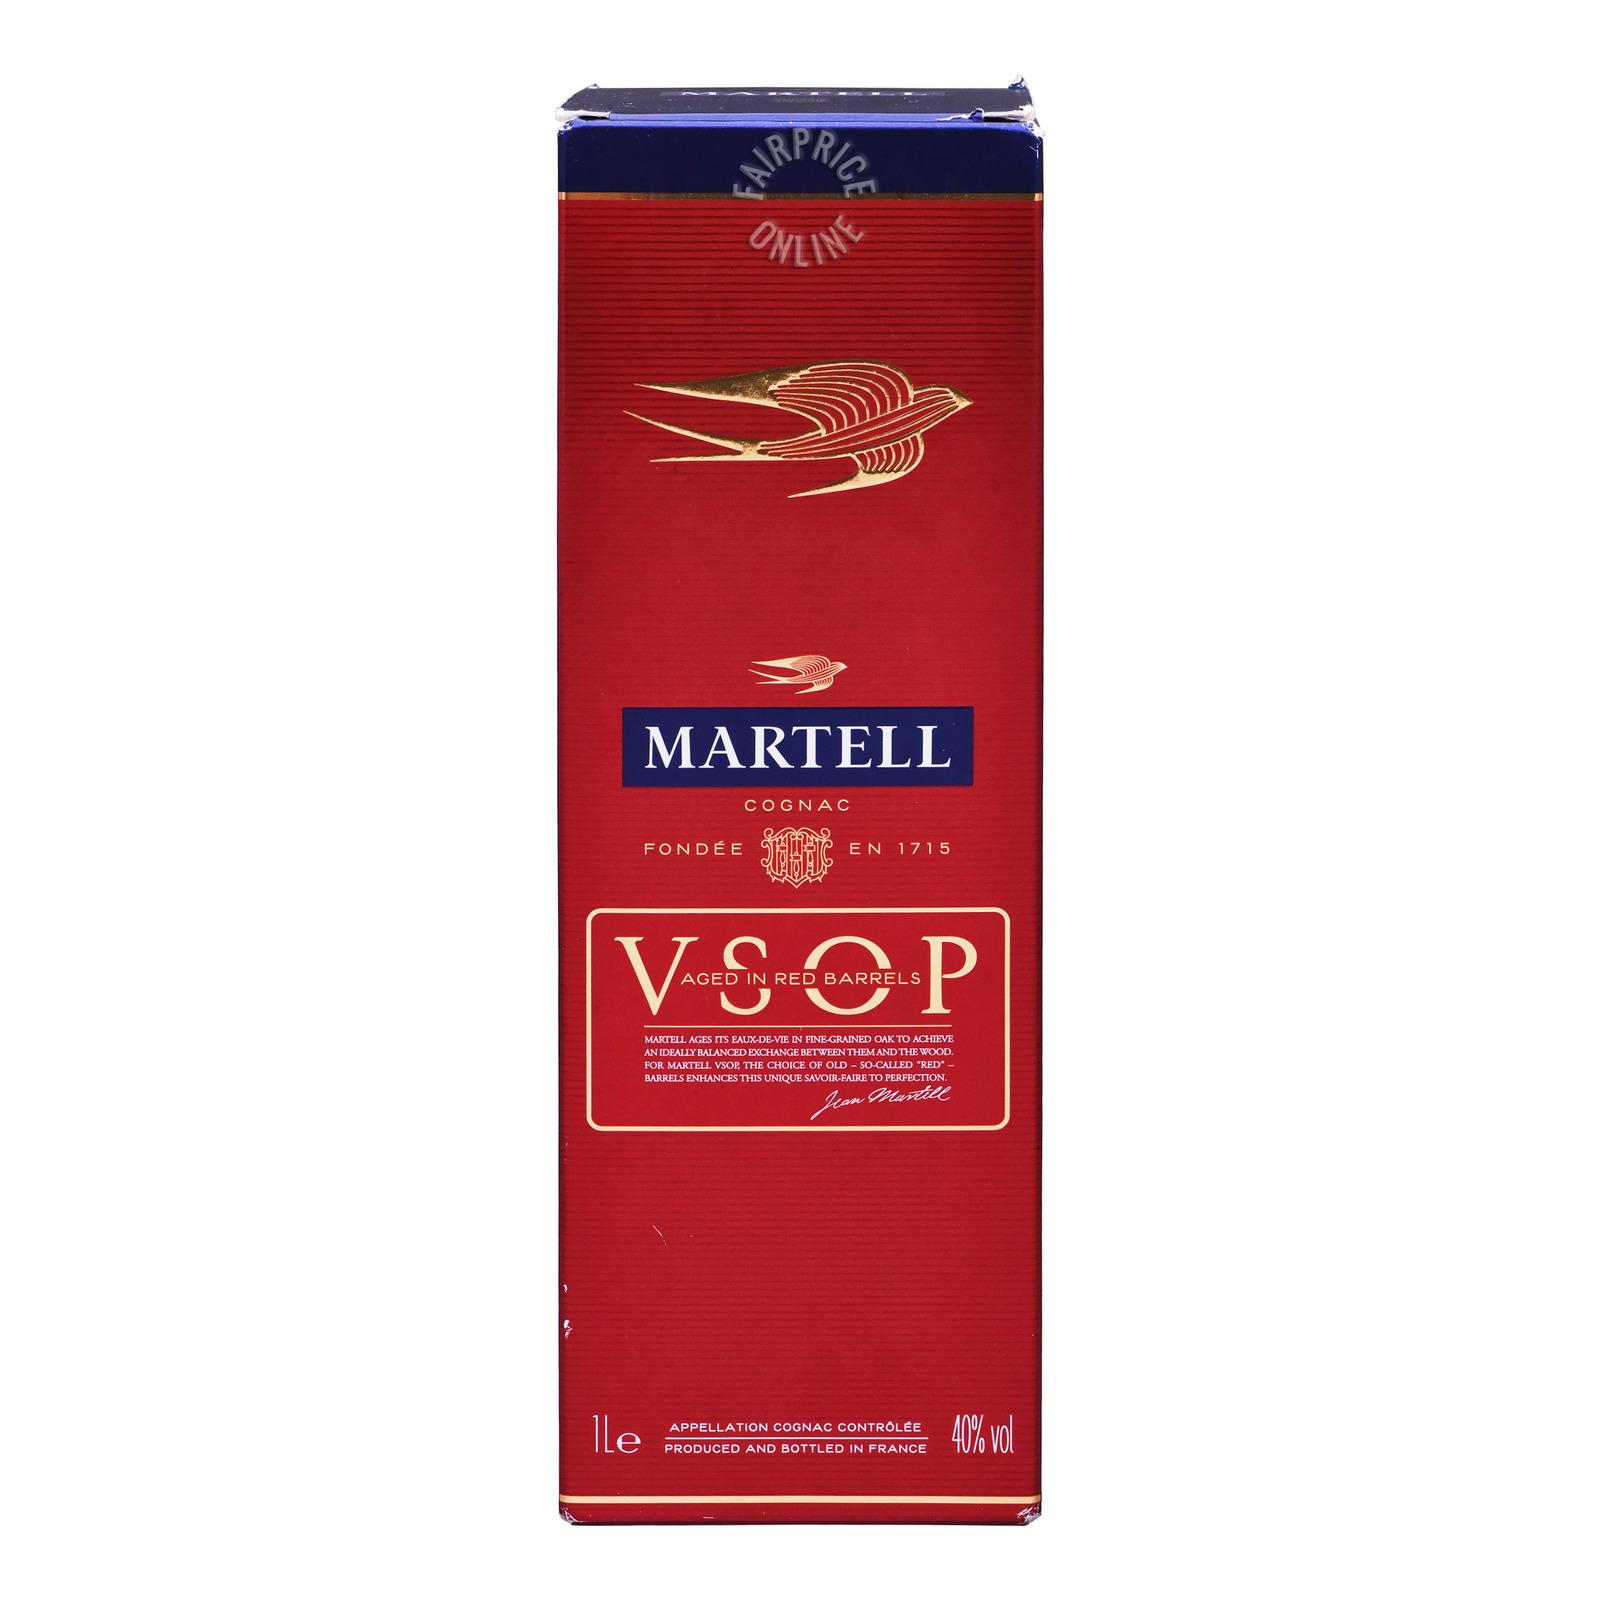 Martell Cognac VSOP Aged in Red Barrels